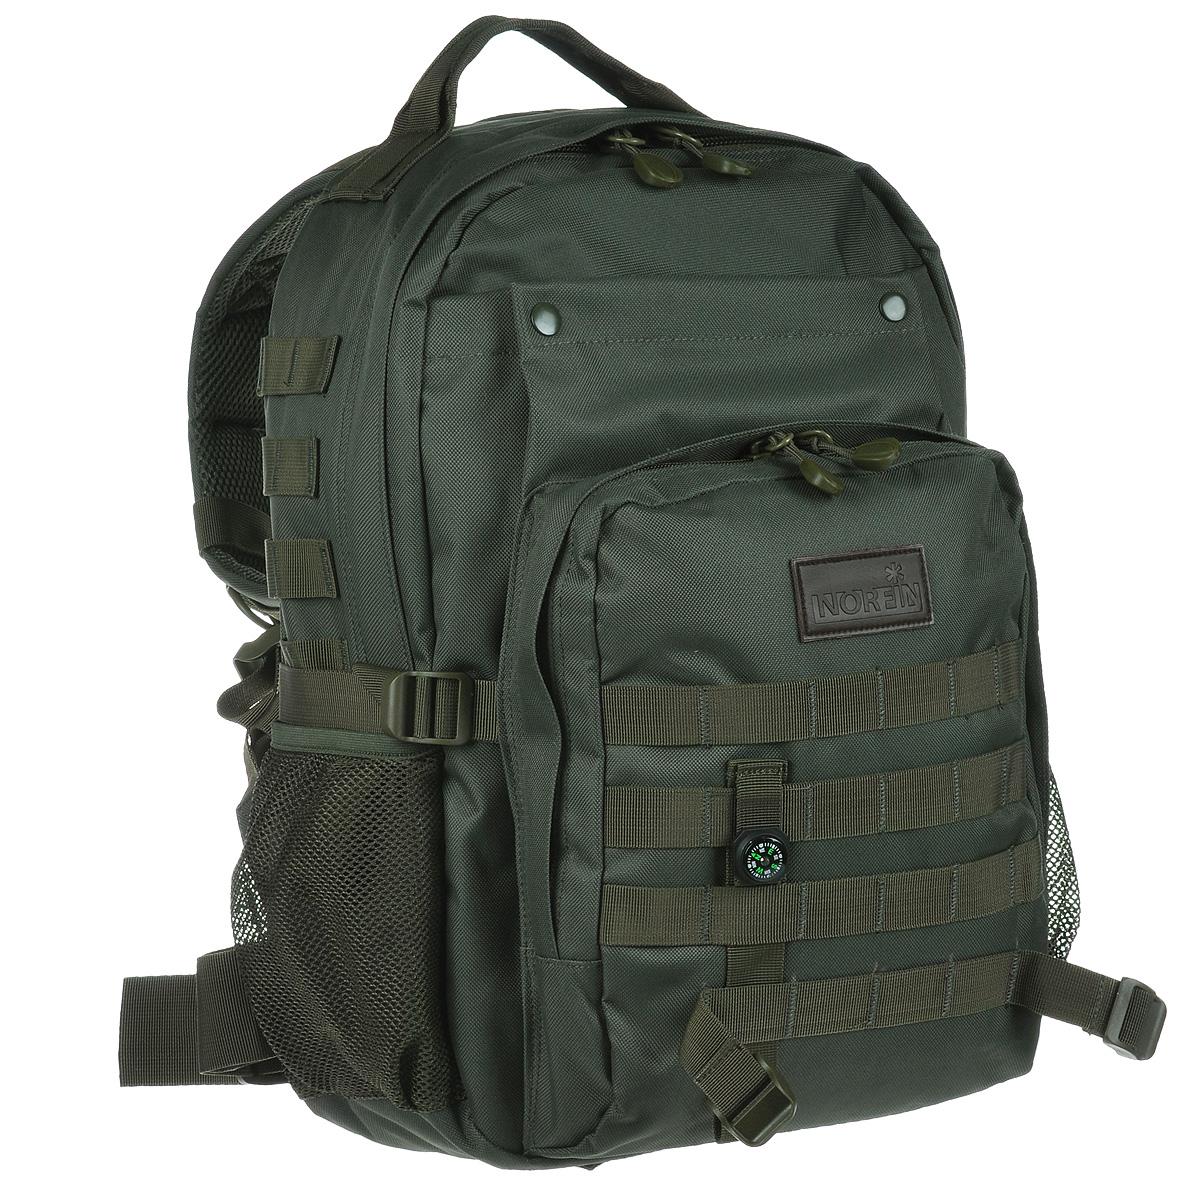 Рюкзак городской Norfin Tactic, цвет: зеленый, 30 лZ90 blackГородской тактический рюкзак Norfin Tactic выполнен из прочного полиэстера. Благодаря многофункциональности данный рюкзак позволяет удобно и легко укладывать свои вещи.Особенности рюкзака:Спинка имеет три рабочие зоны с сеткой Air Mesh, хорошо отводится избыточное тепло и влага при нагрузкахАнатомические лямки. Слой пены и сетки Air Mesh Поясной ременьБольшой фронтальный карманФронтальный карман на молнии с органайзером Два боковых карманаВнутренний карман для ноутбукаВнутренний сетчатый карман.